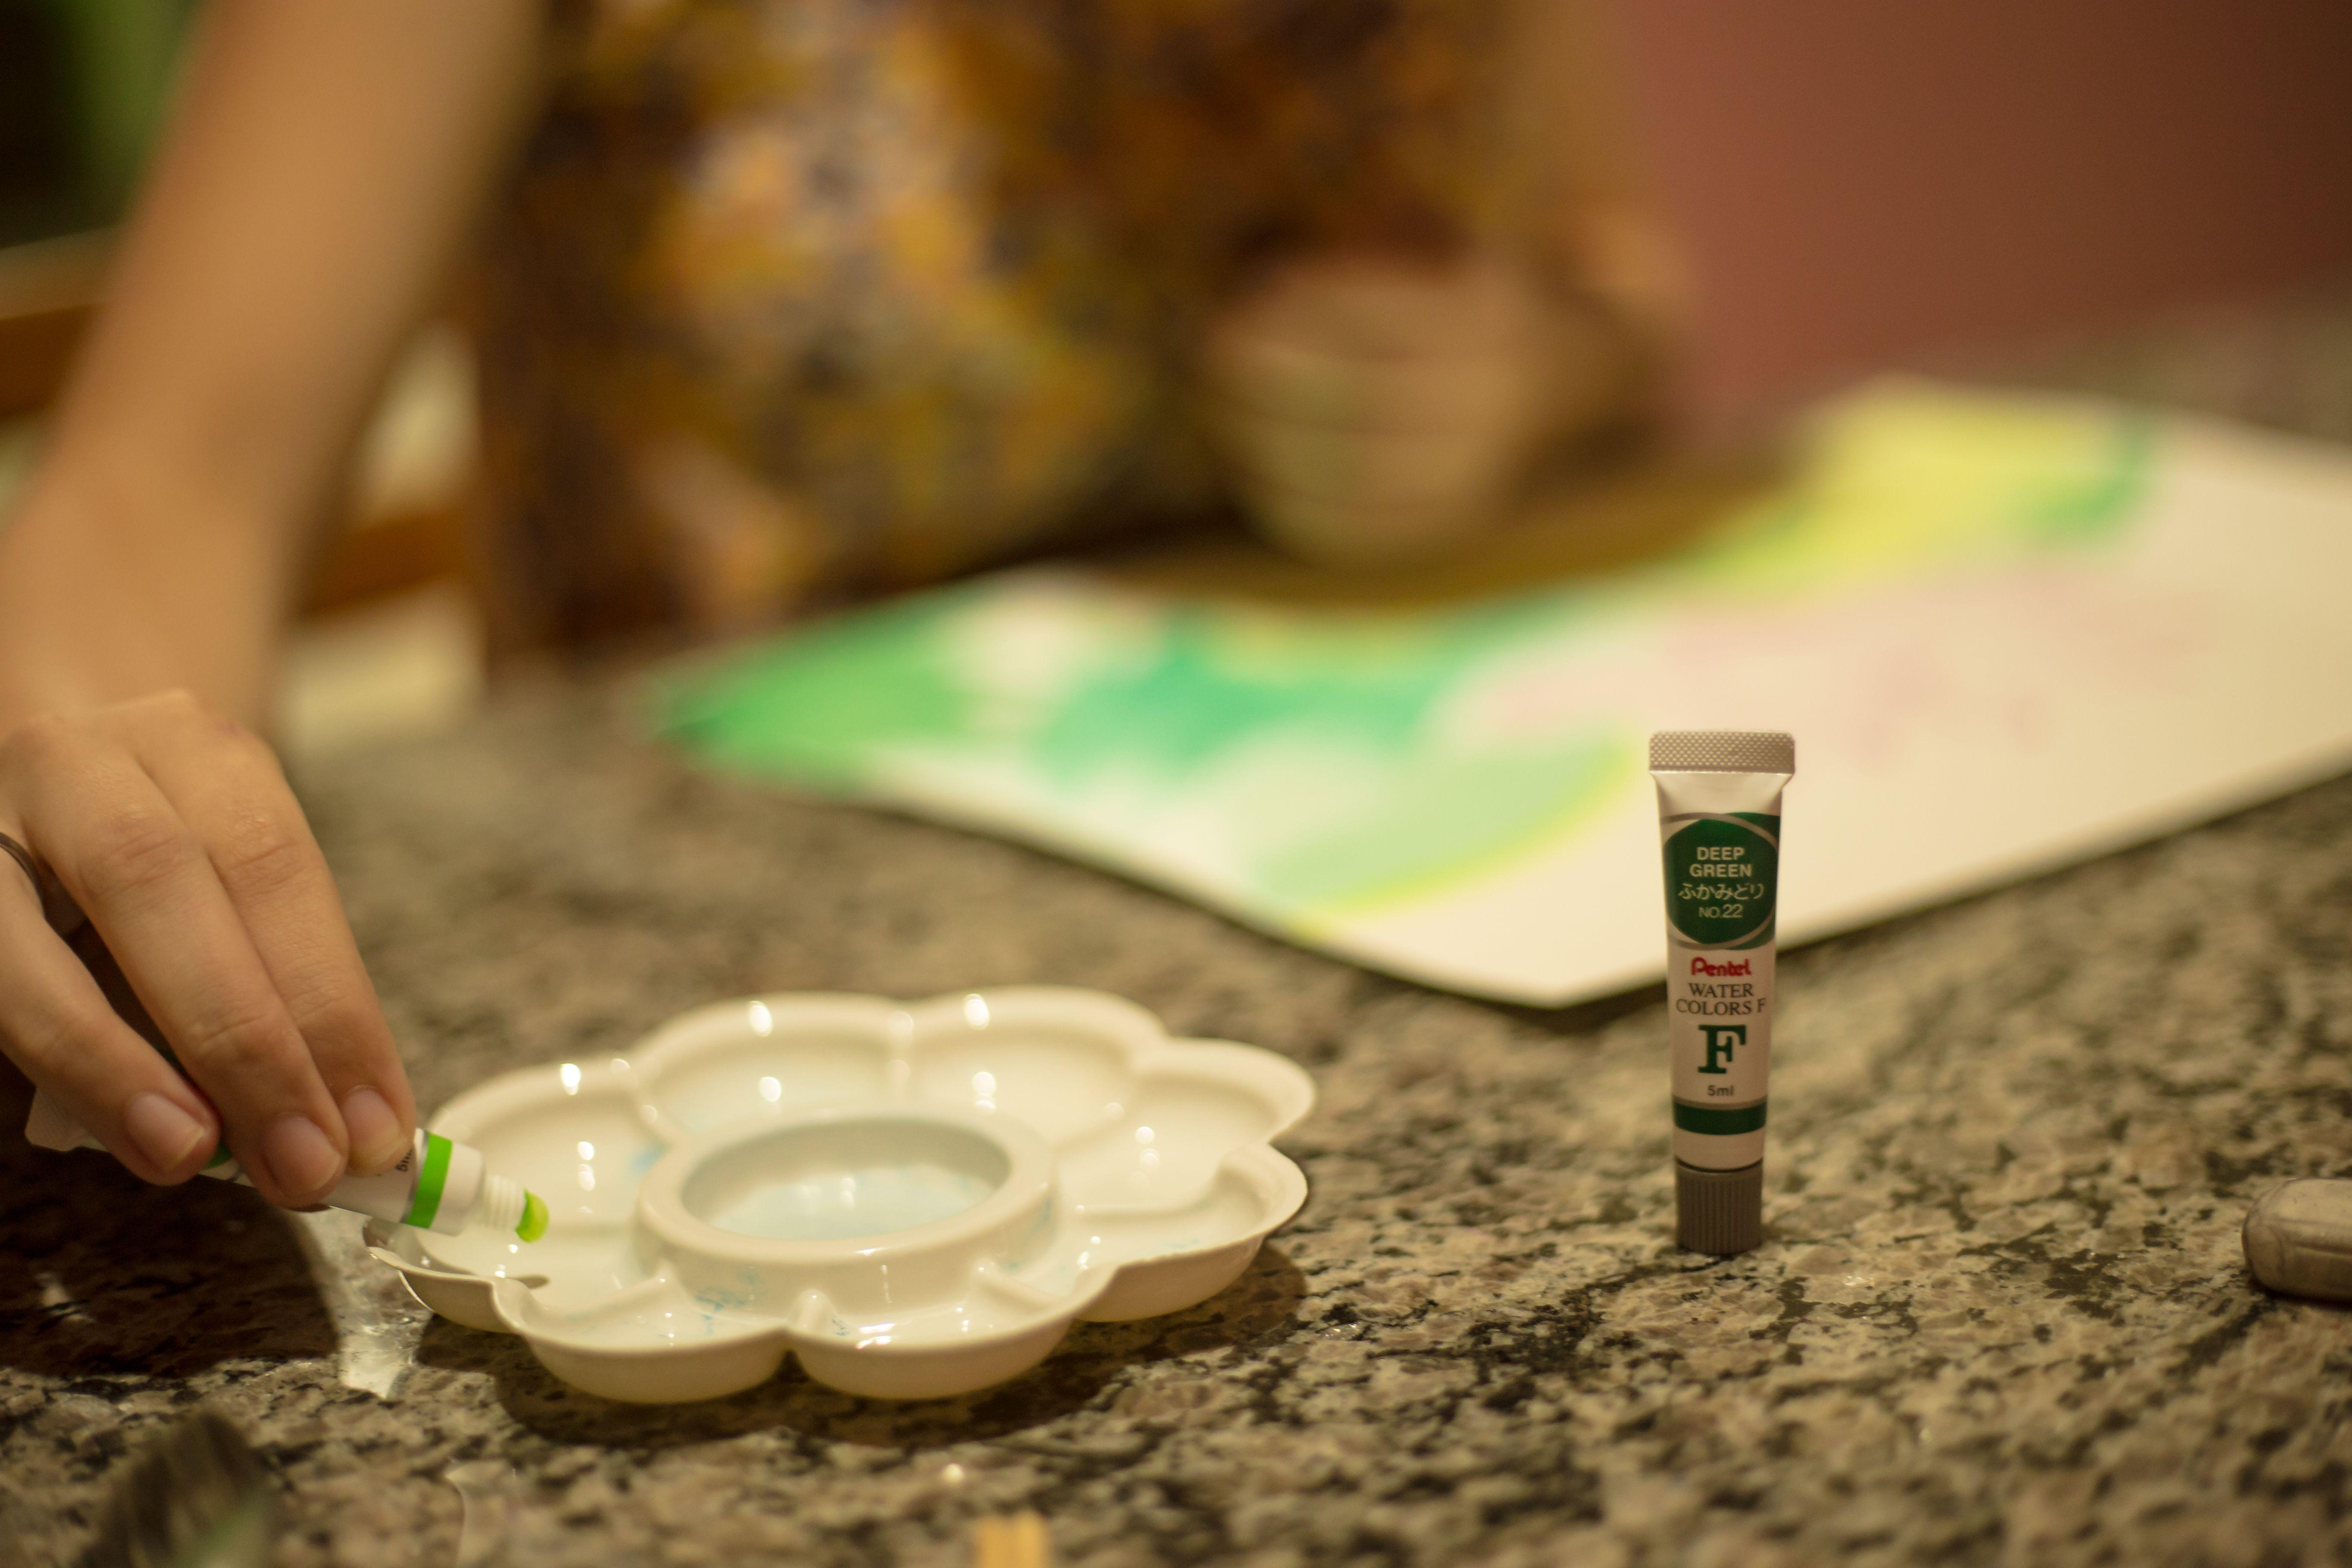 Pintura inspirada em uma fotografia Feito a base de aquarela e lápis aquarelável a seco. Foto de Juninho Ferreira